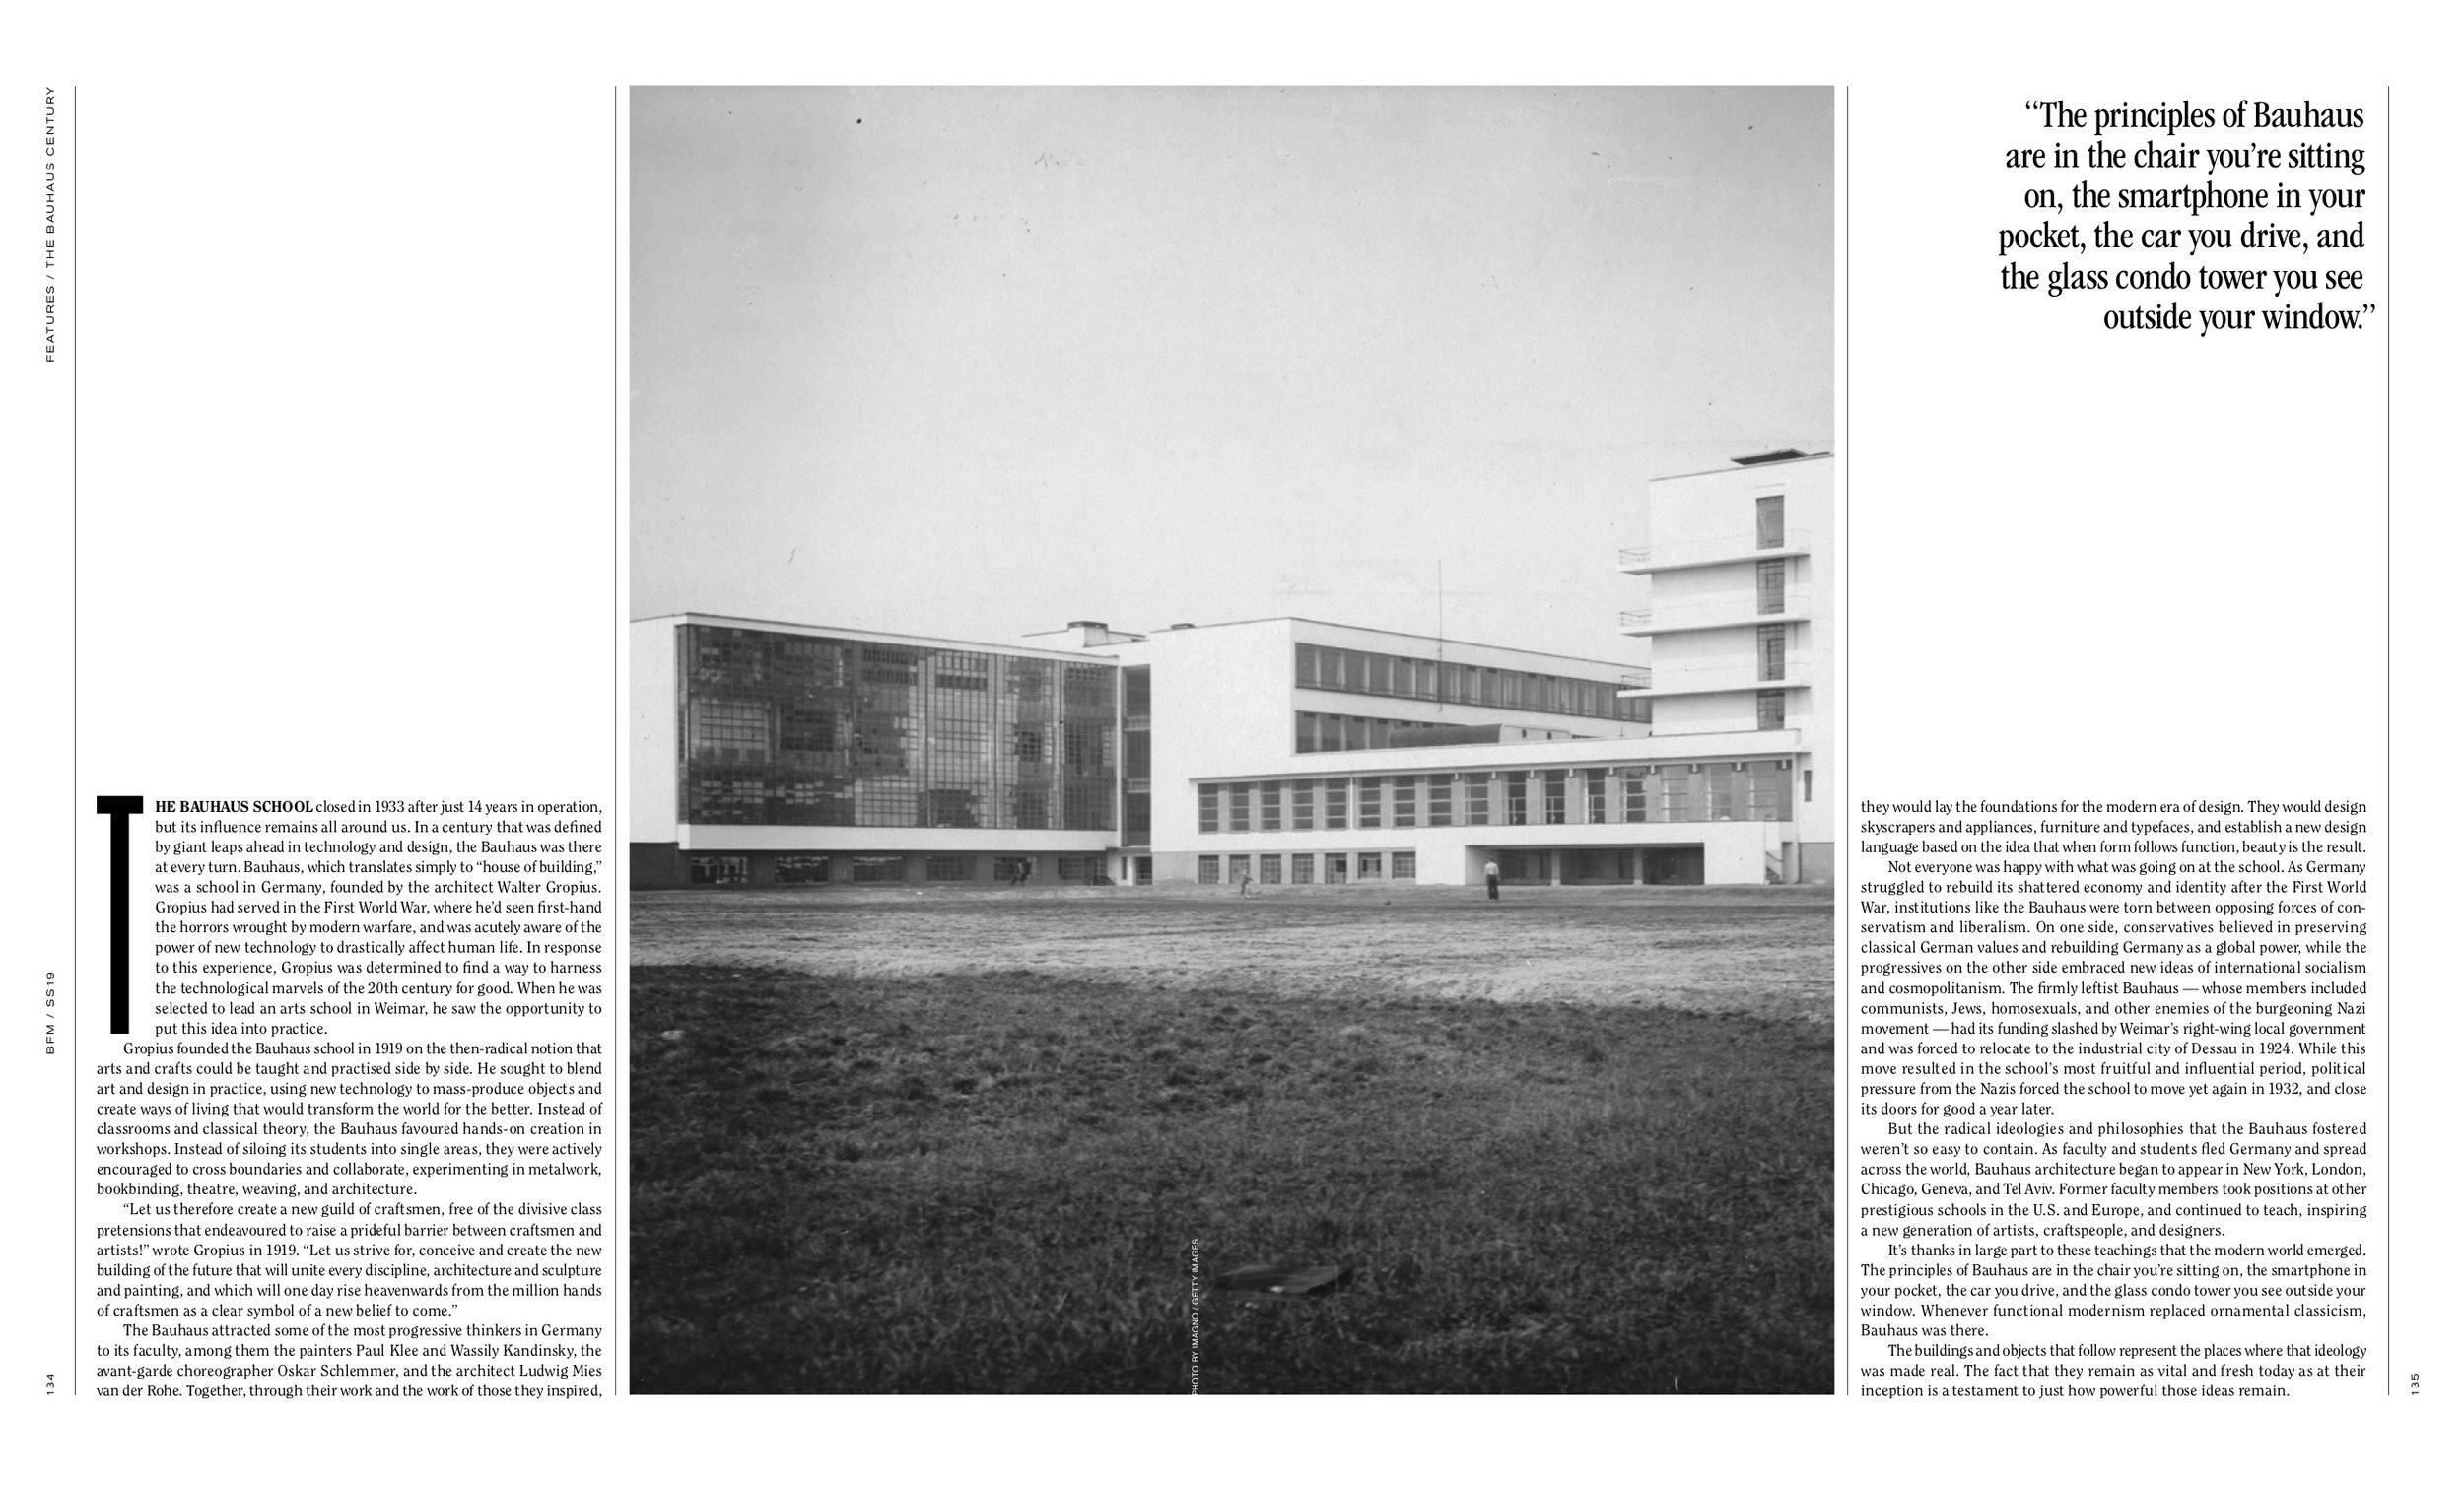 Bauhaus 2.jpg